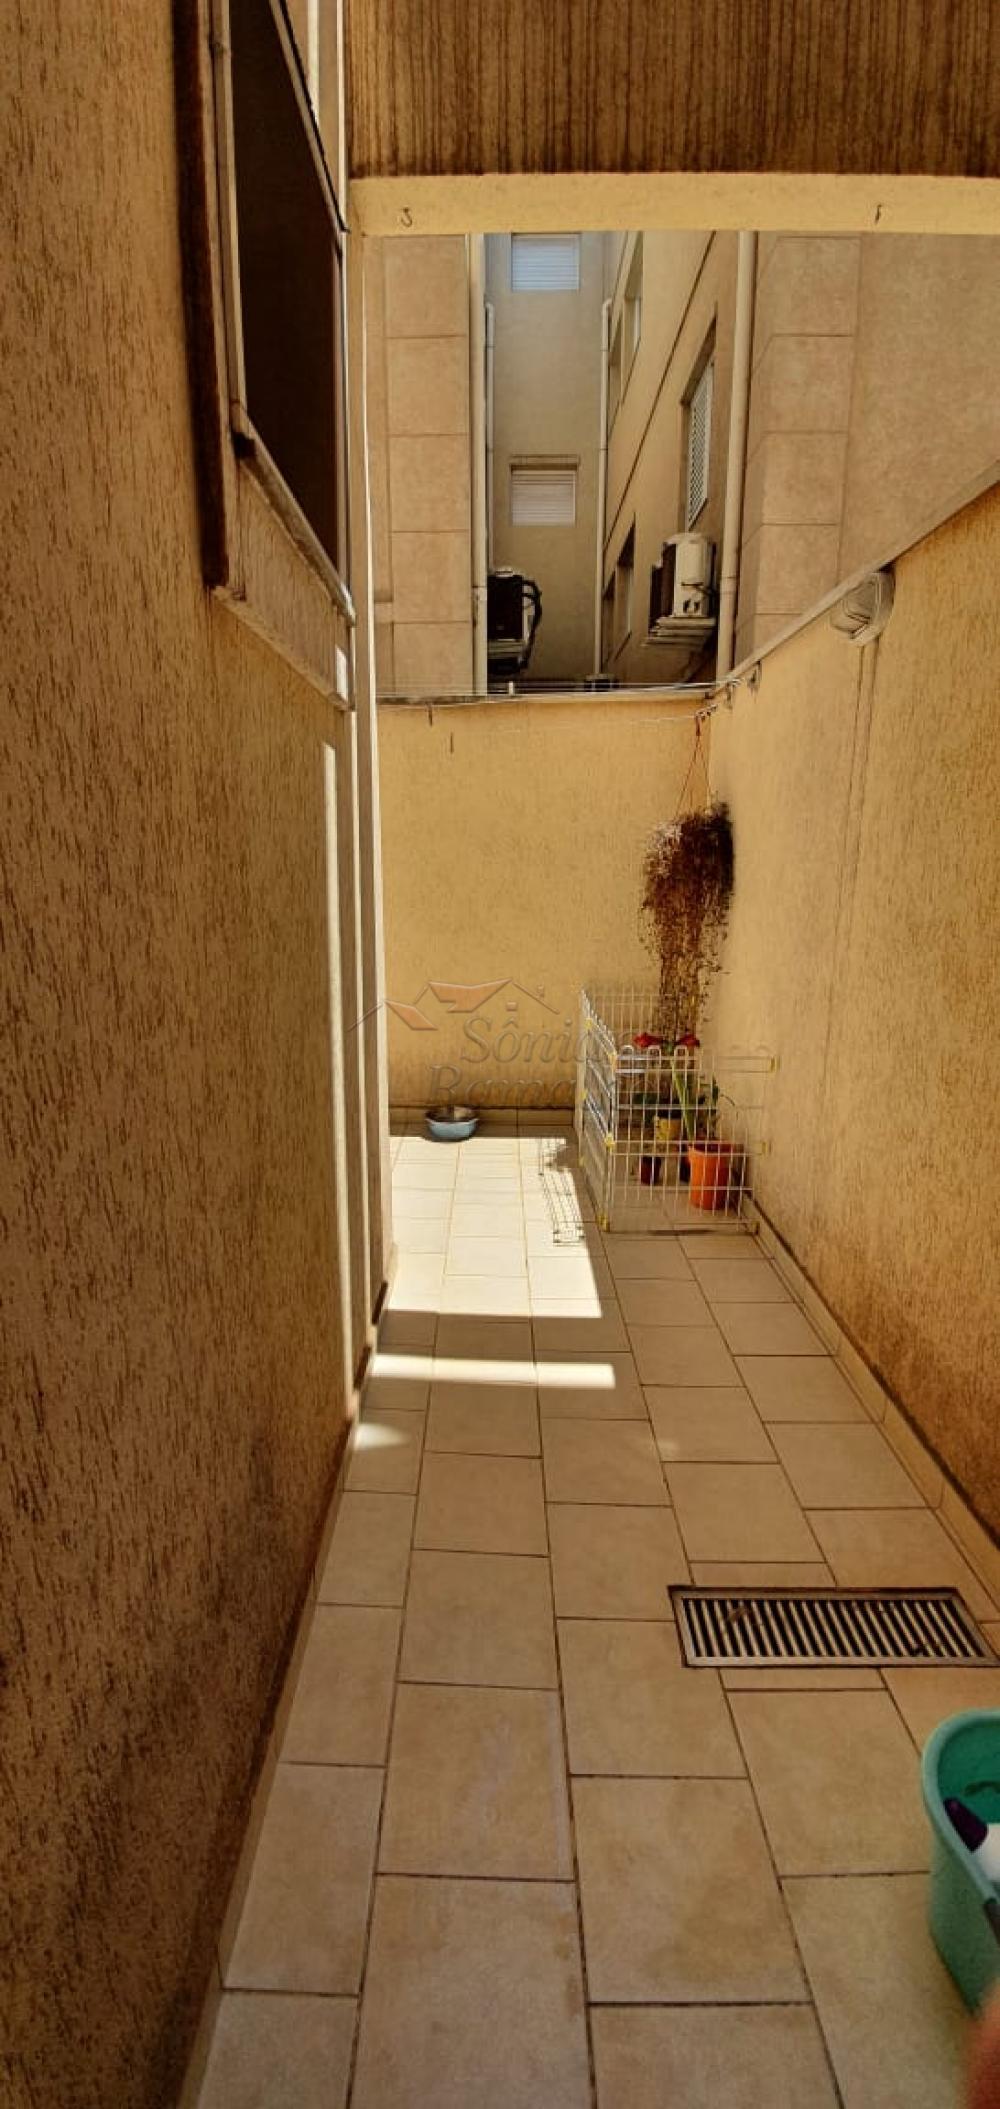 Alugar Apartamentos / Padrão em Ribeirão Preto apenas R$ 777,77 - Foto 15